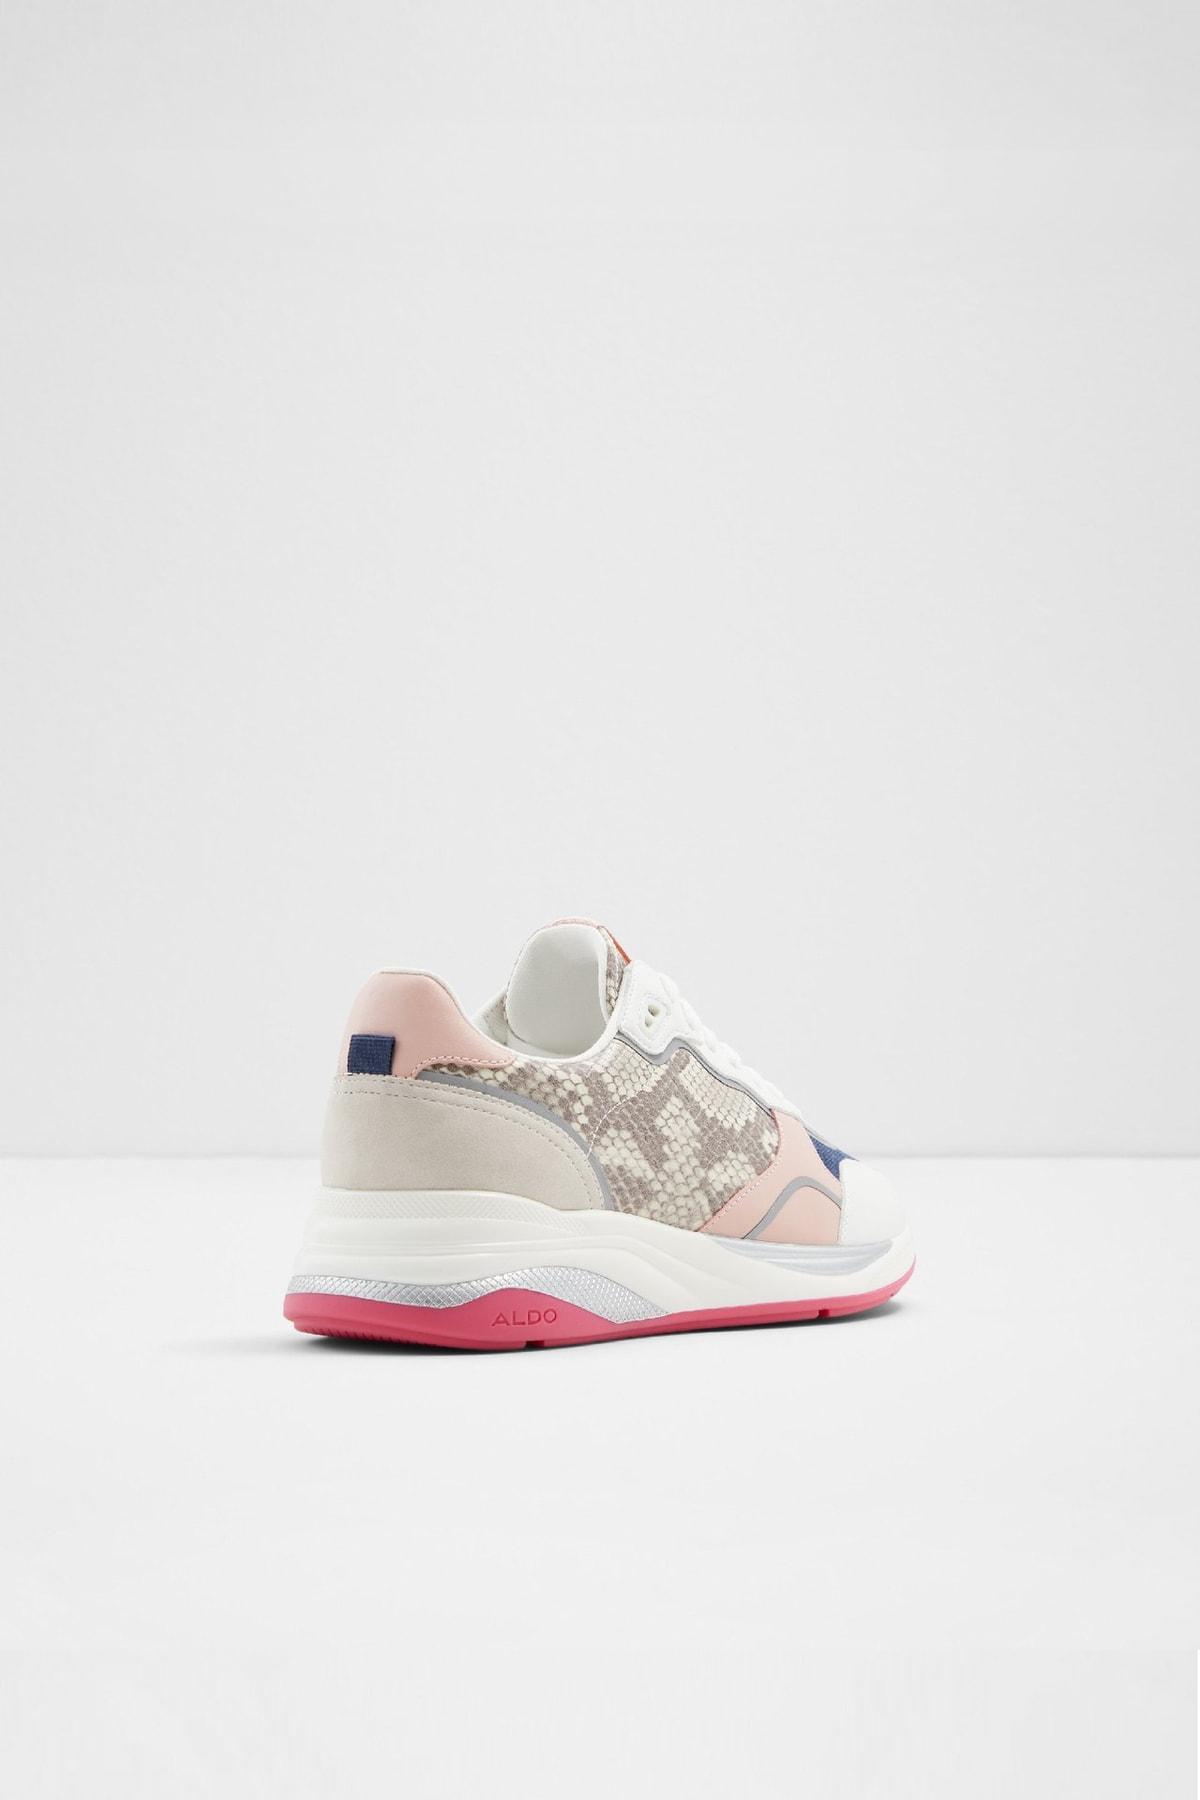 Aldo Kadın Renkli Makenna Sneaker 2